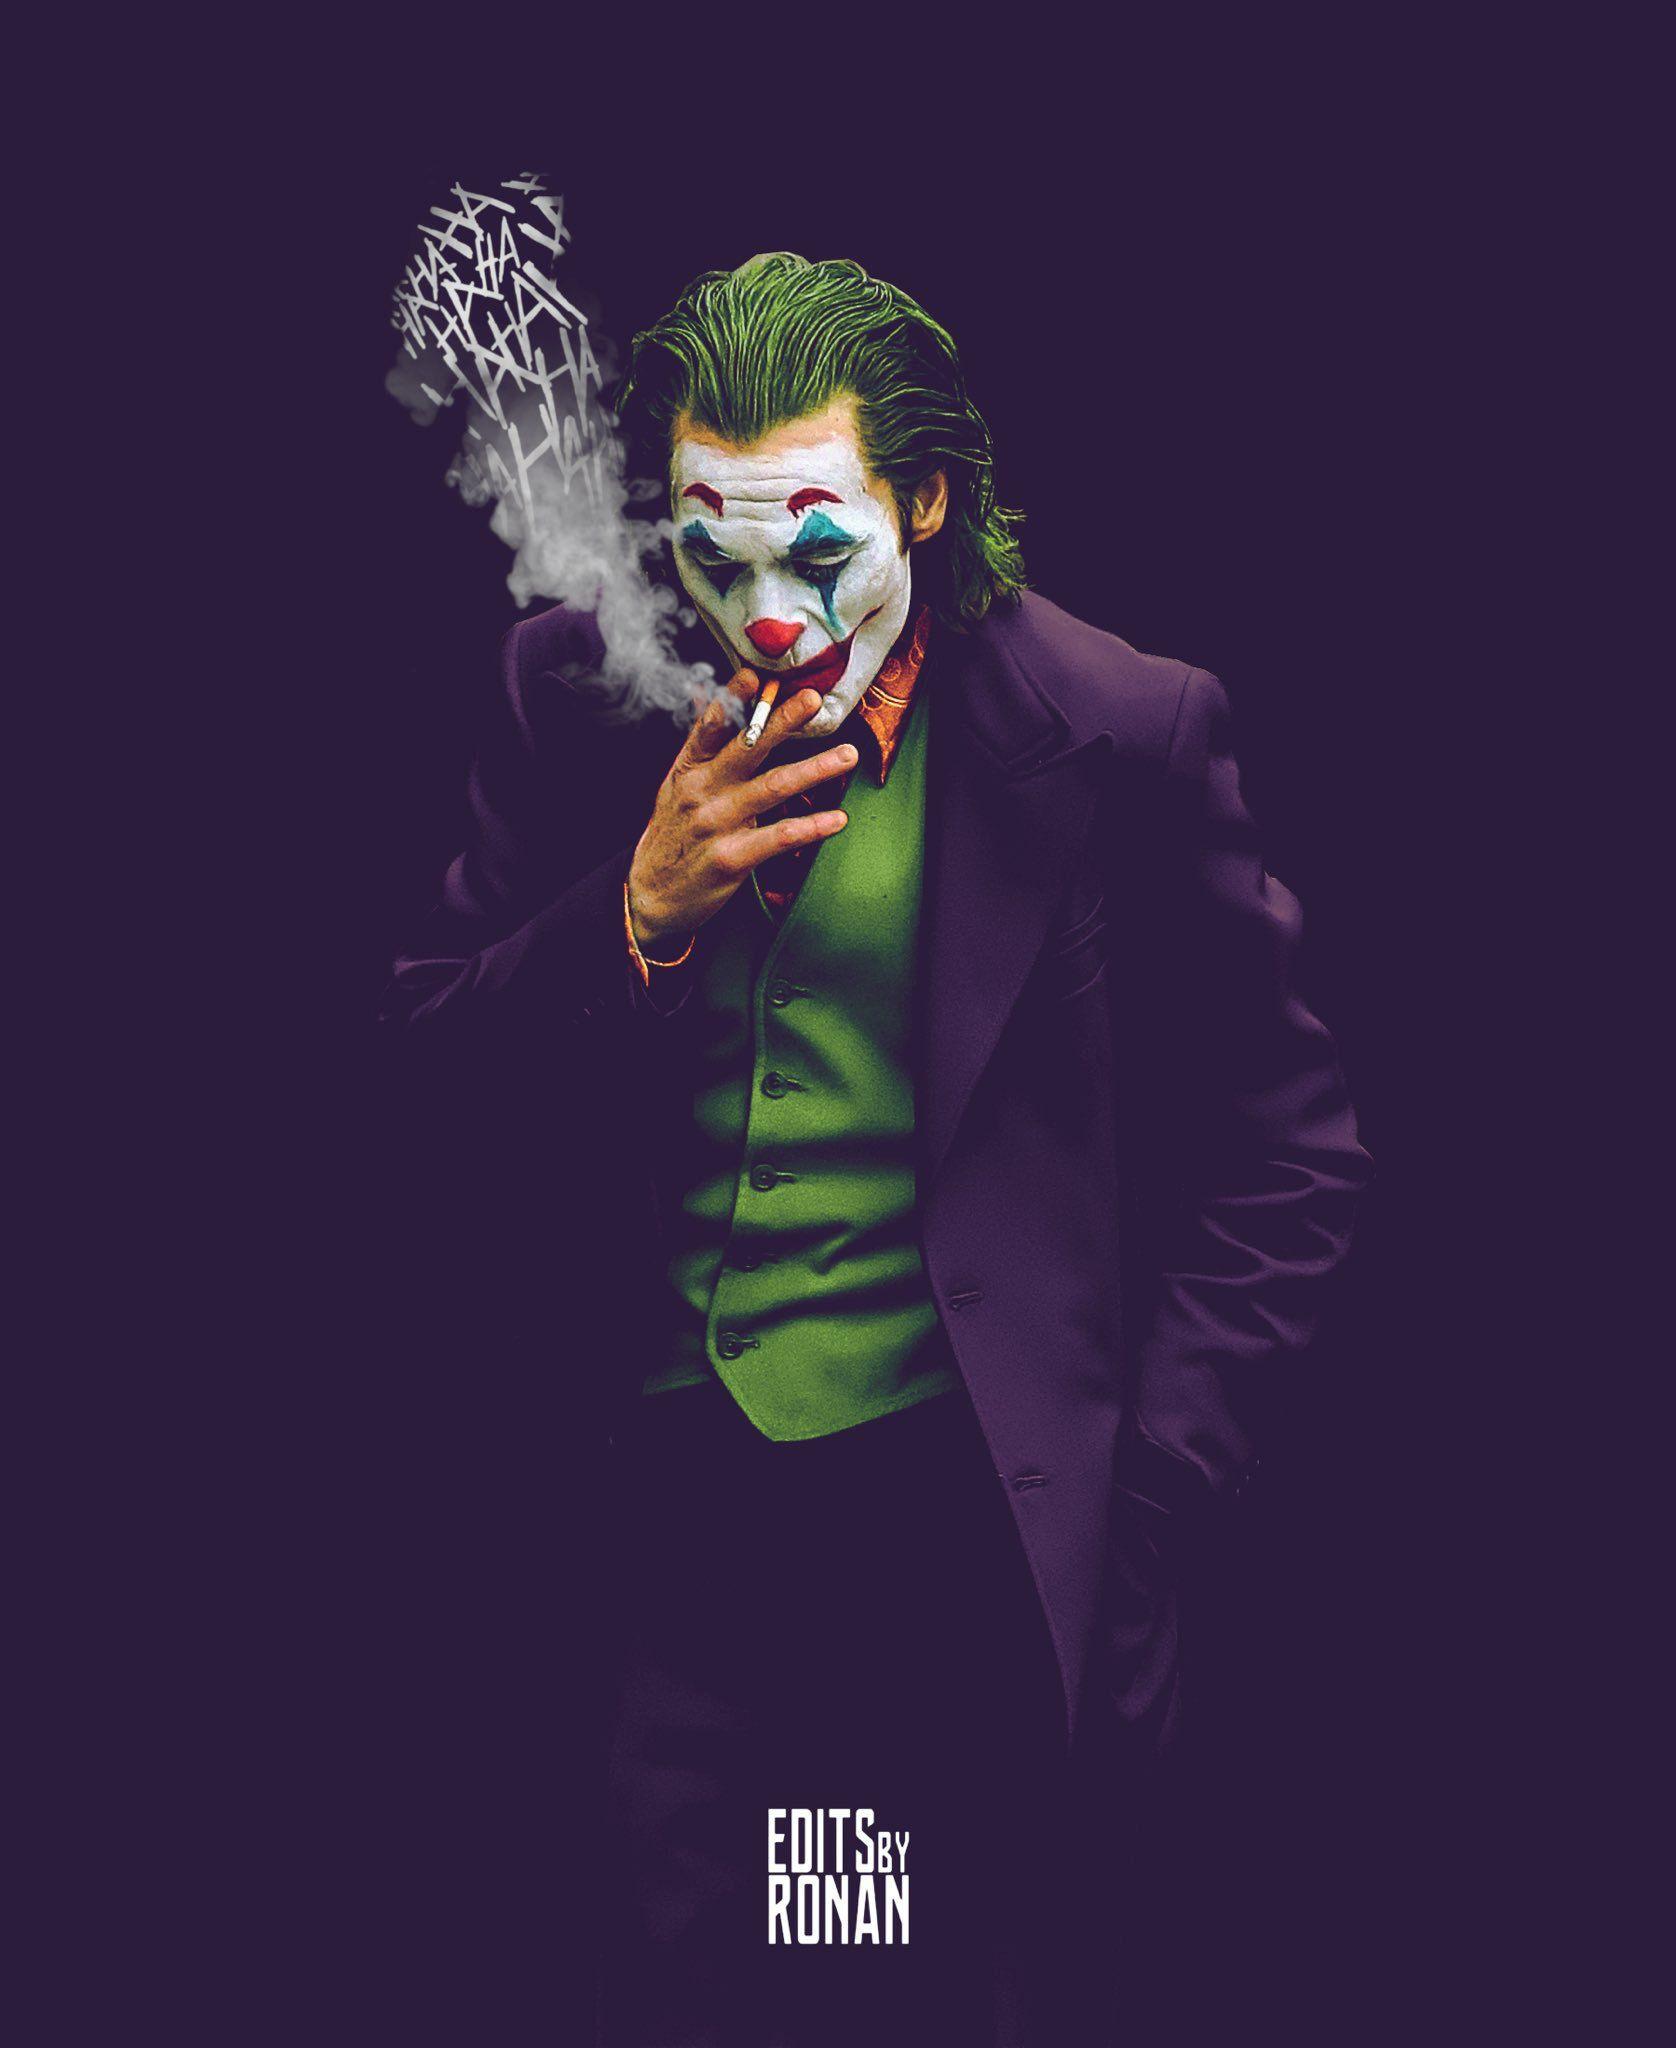 Pin De Narendra Ren Em Dc Comics Universe Fotos Do Joker Cosplay Do Coringa Quadrinhos Do Coringa